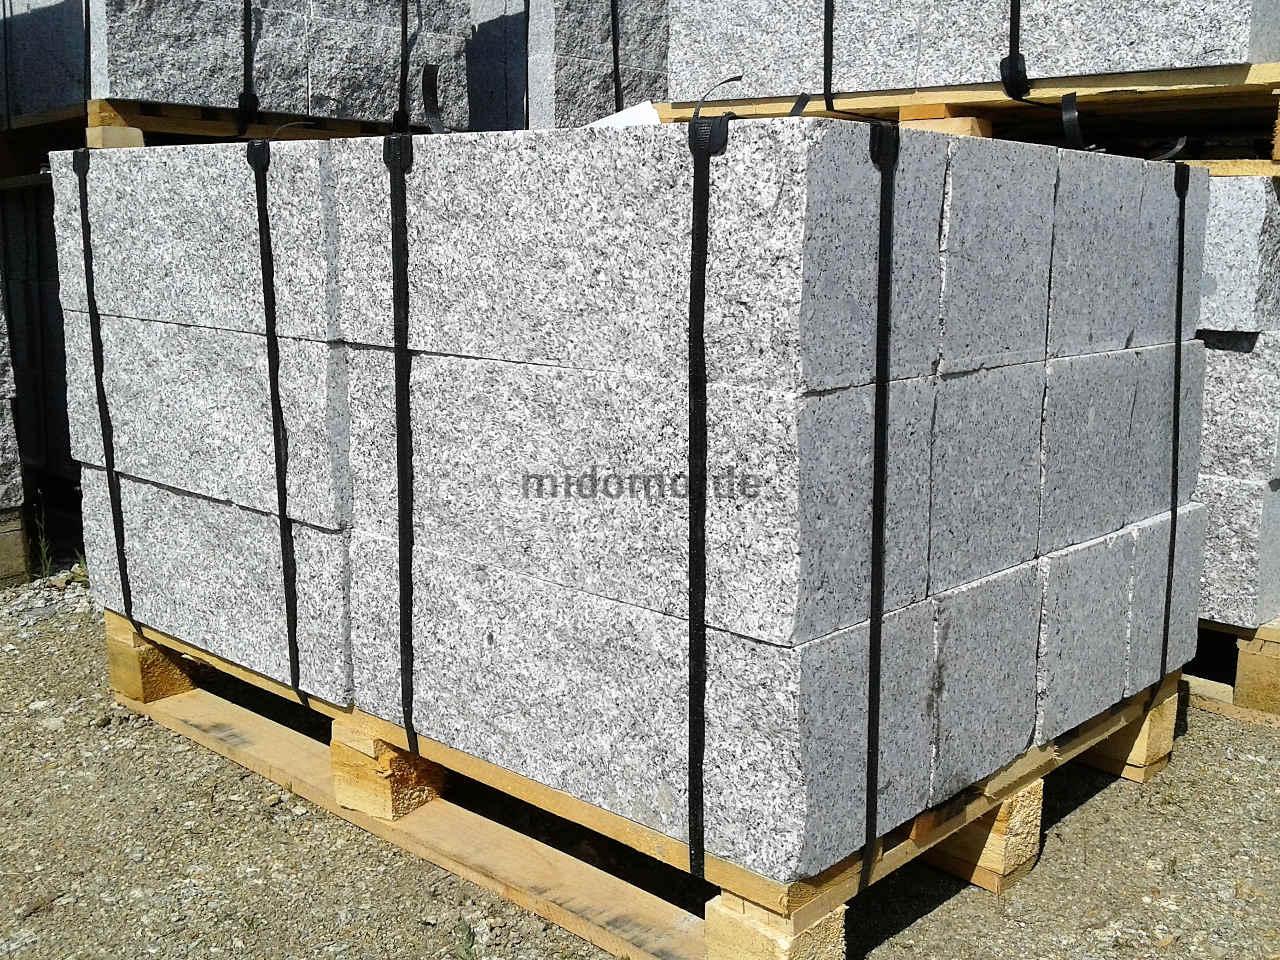 granit mauersteine 4 fach ges gt 20x20x40 cm granitsteine. Black Bedroom Furniture Sets. Home Design Ideas